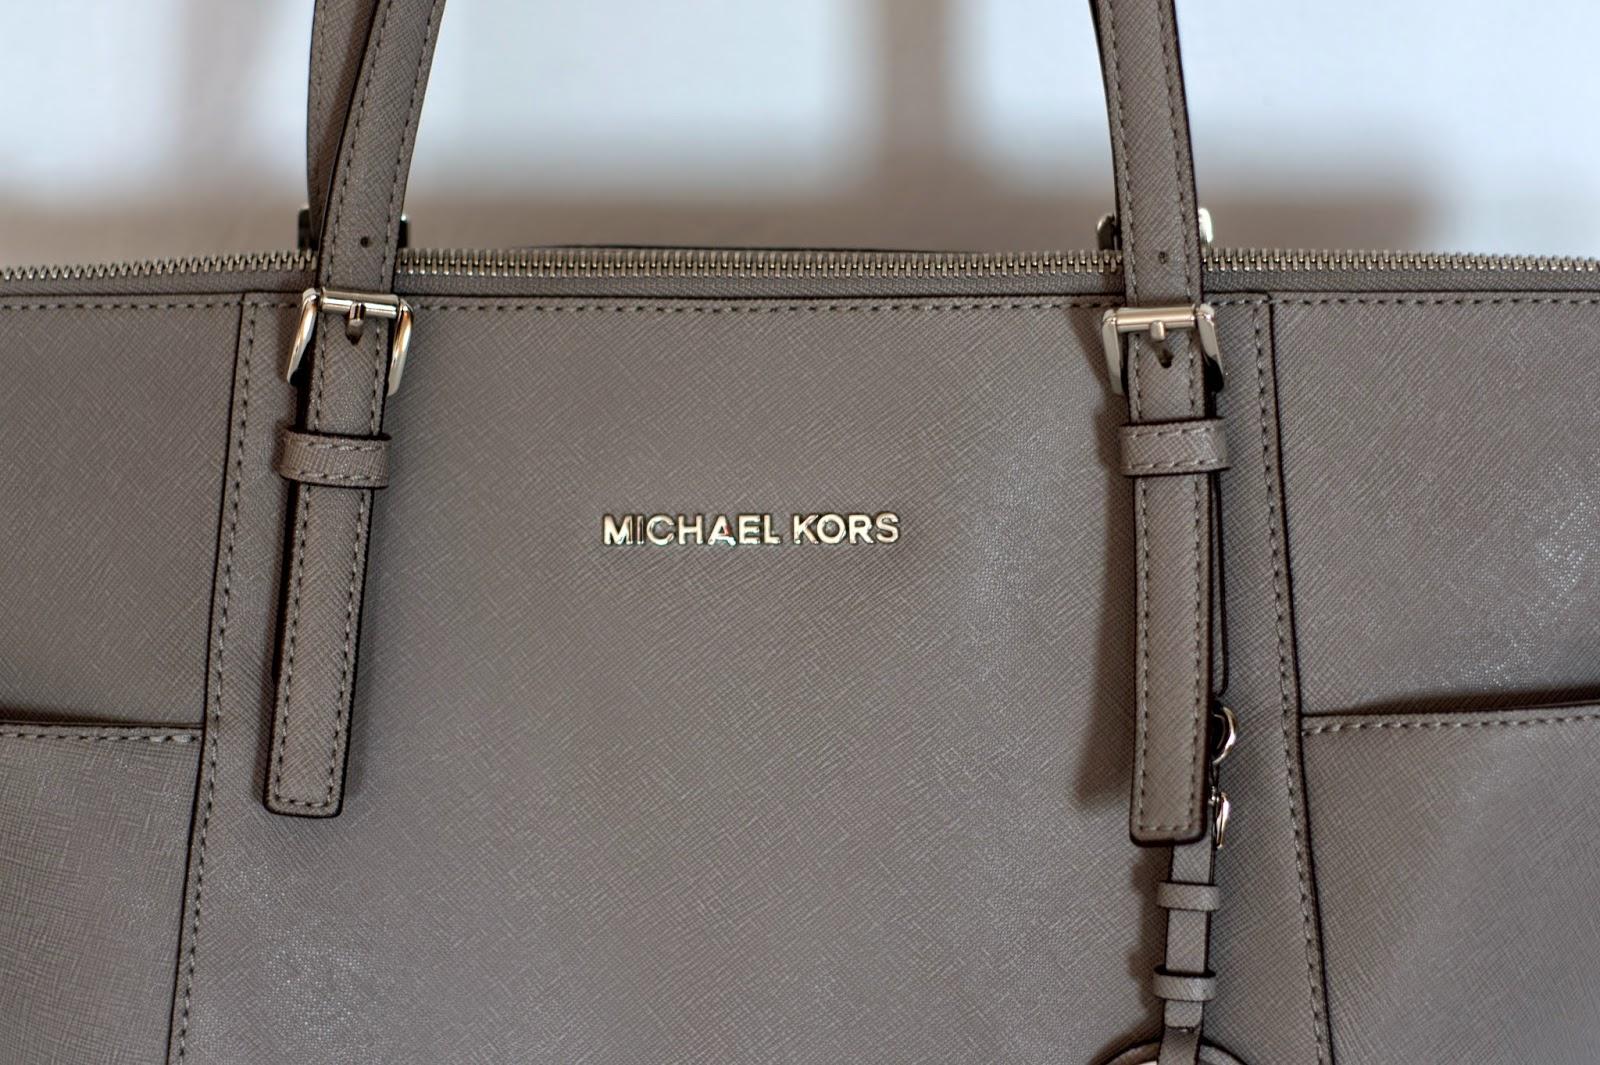 c888f2fe7791d Logo Michael Kors - znajduje się na górnym środku torebki. Są wyraźne,  idealnie równe, występują jako dwa oddzielne emblematy, bez łączeń.